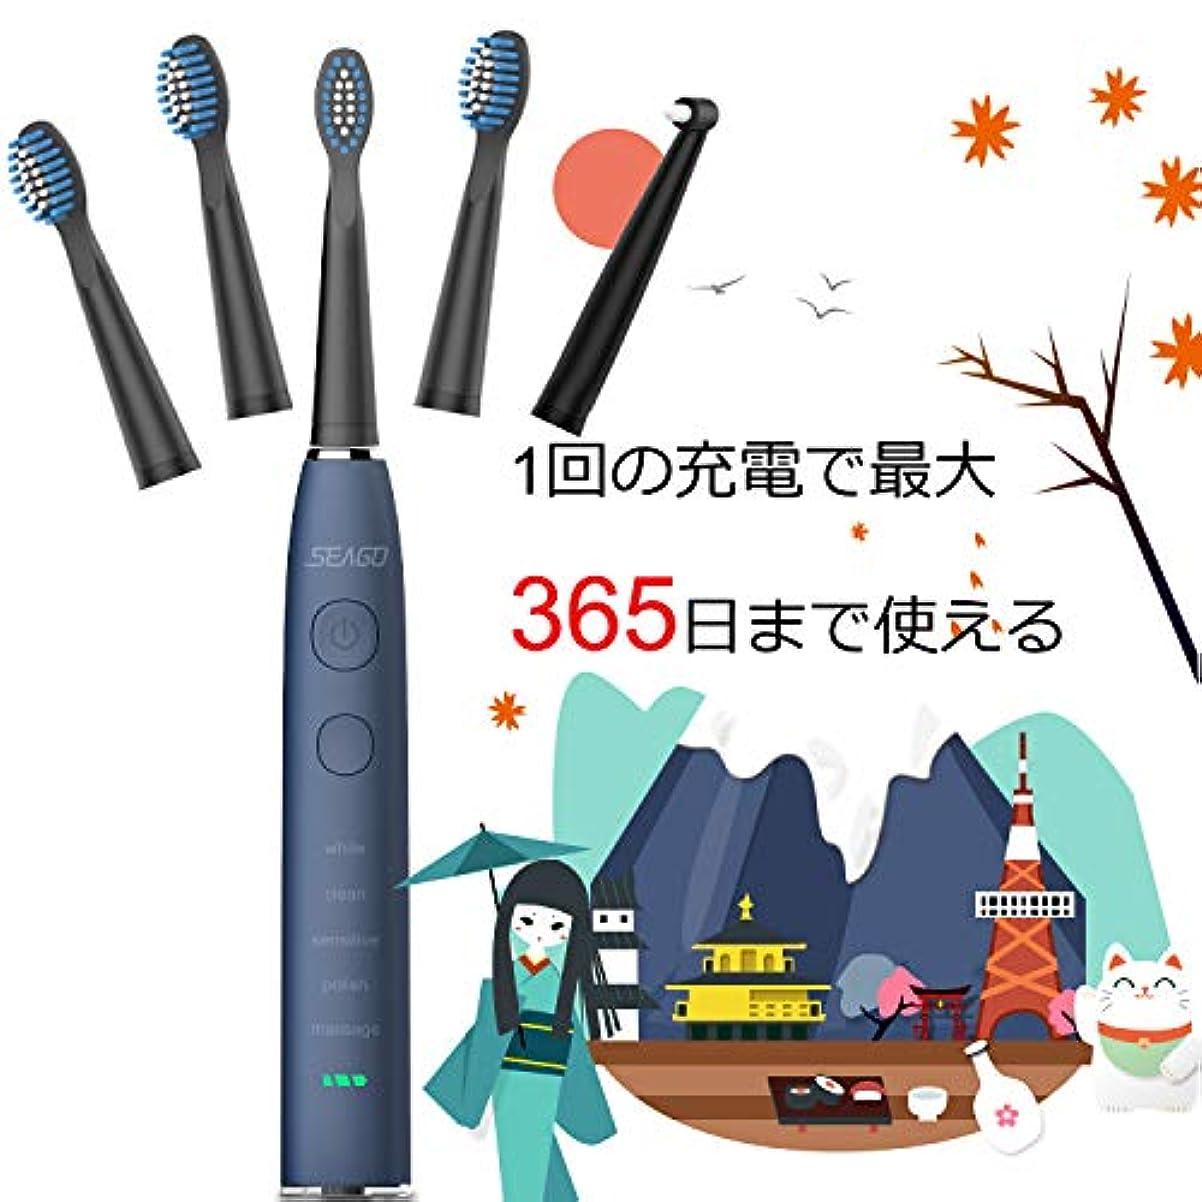 生活ワードローブ最大化する電動歯ブラシ 歯ブラシ seago 音波歯ブラシ USB充電式8時間 365日に使用 IPX7防水 五つモードと2分オートタイマー機能搭載 替えブラシ5本 12ヶ月メーカー保証 SG-575(ブルー)